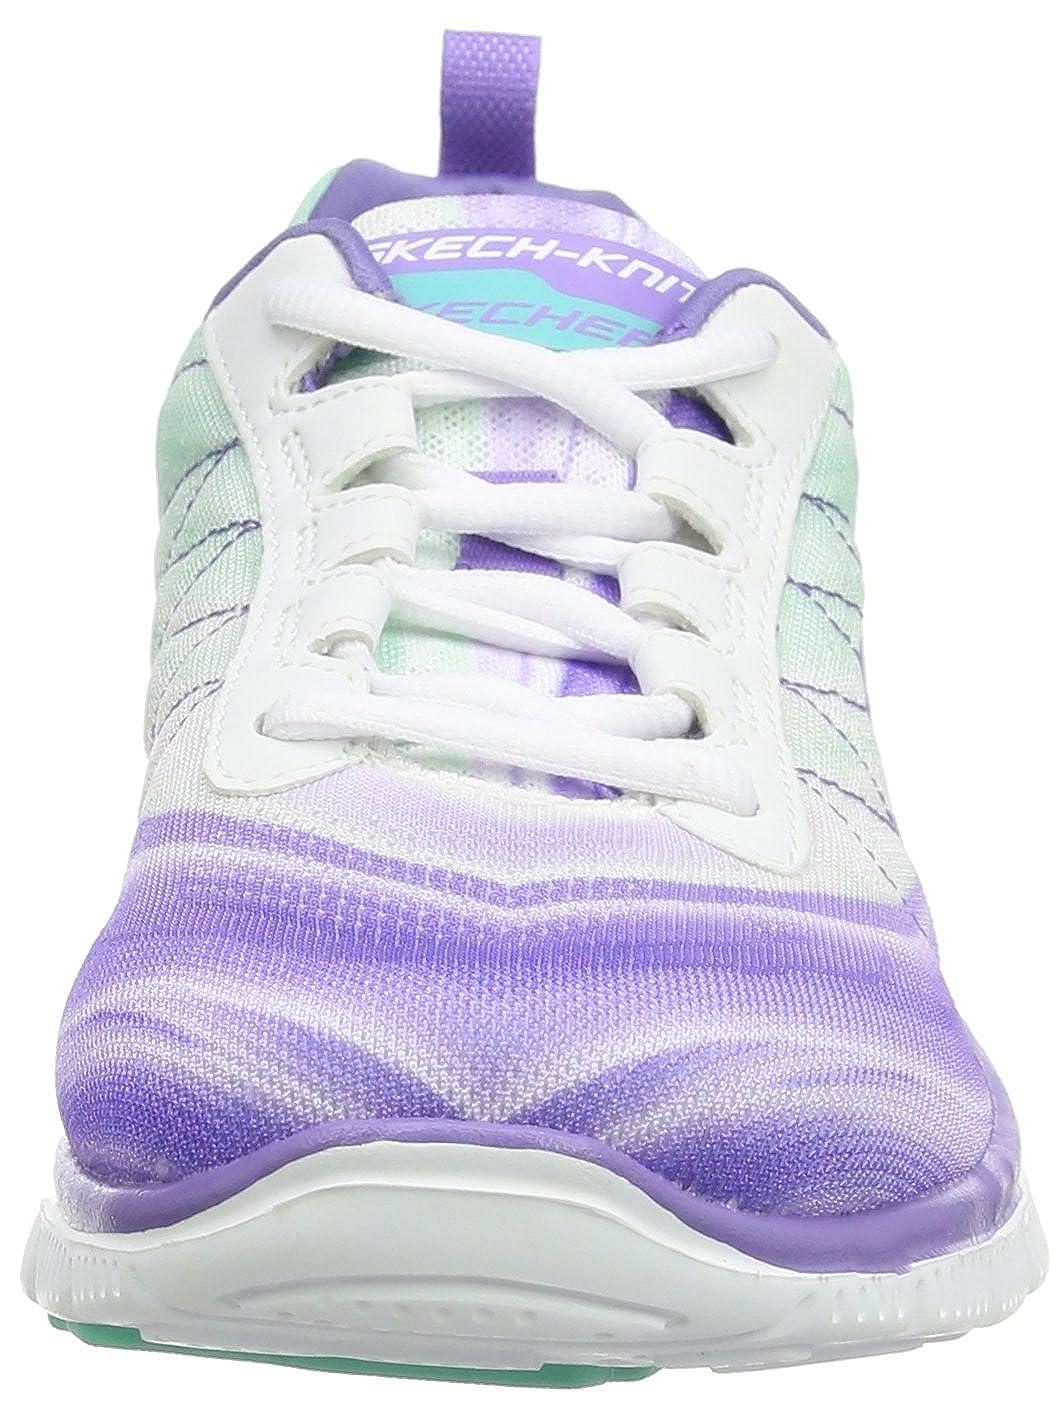 Skechers Flex Appeal Pretty Please Damen Sneakers Violett Violett Sneakers (Prgr) 7ef030